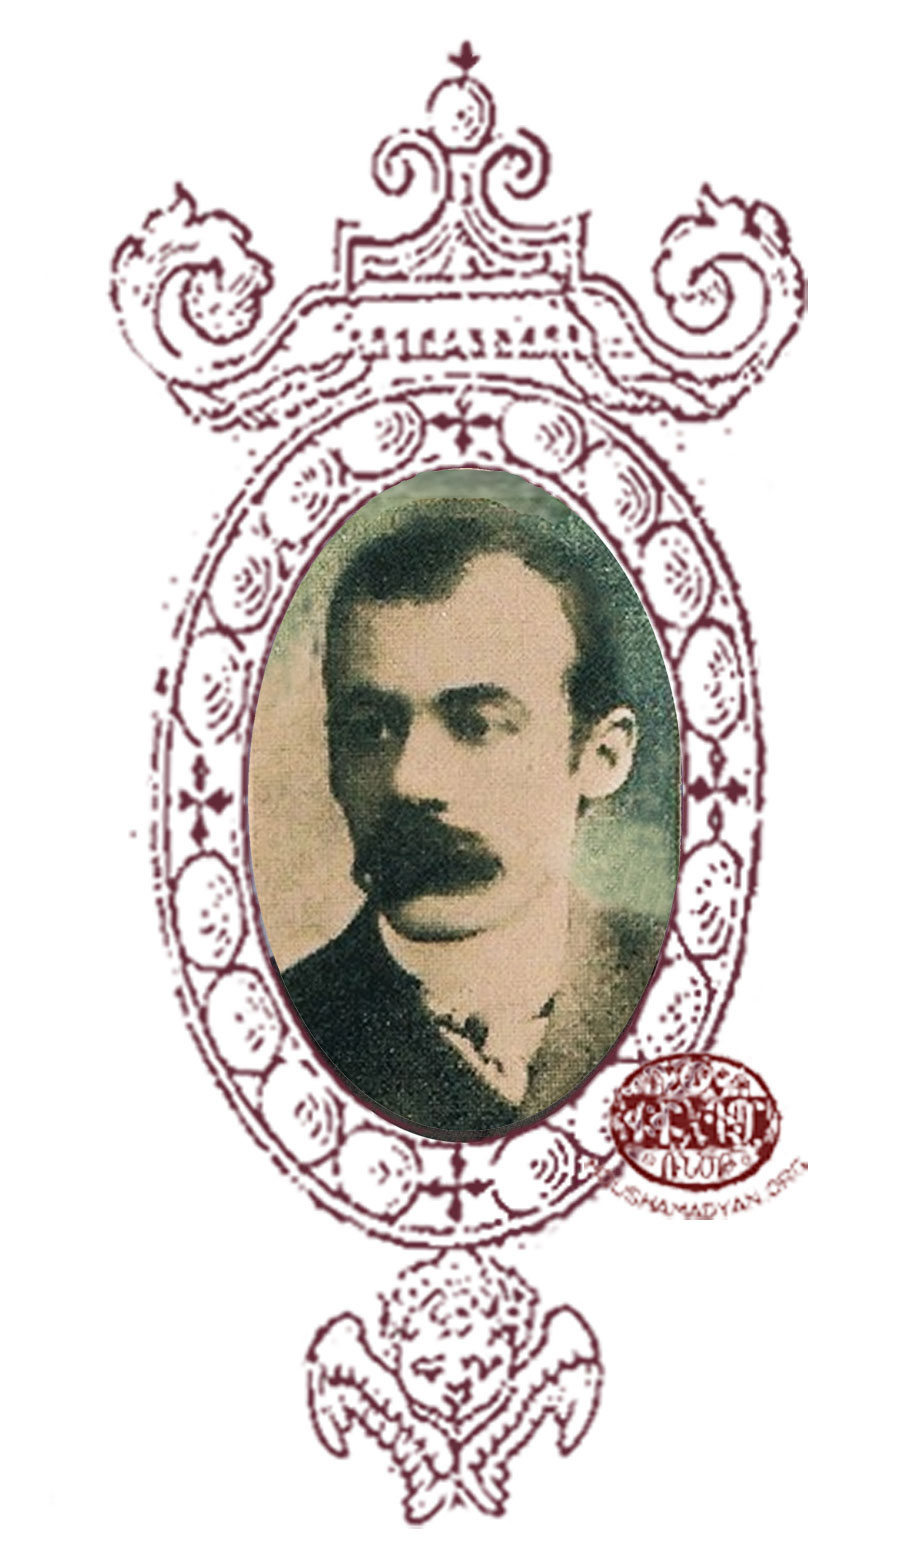 Hovhannes Bujicanian